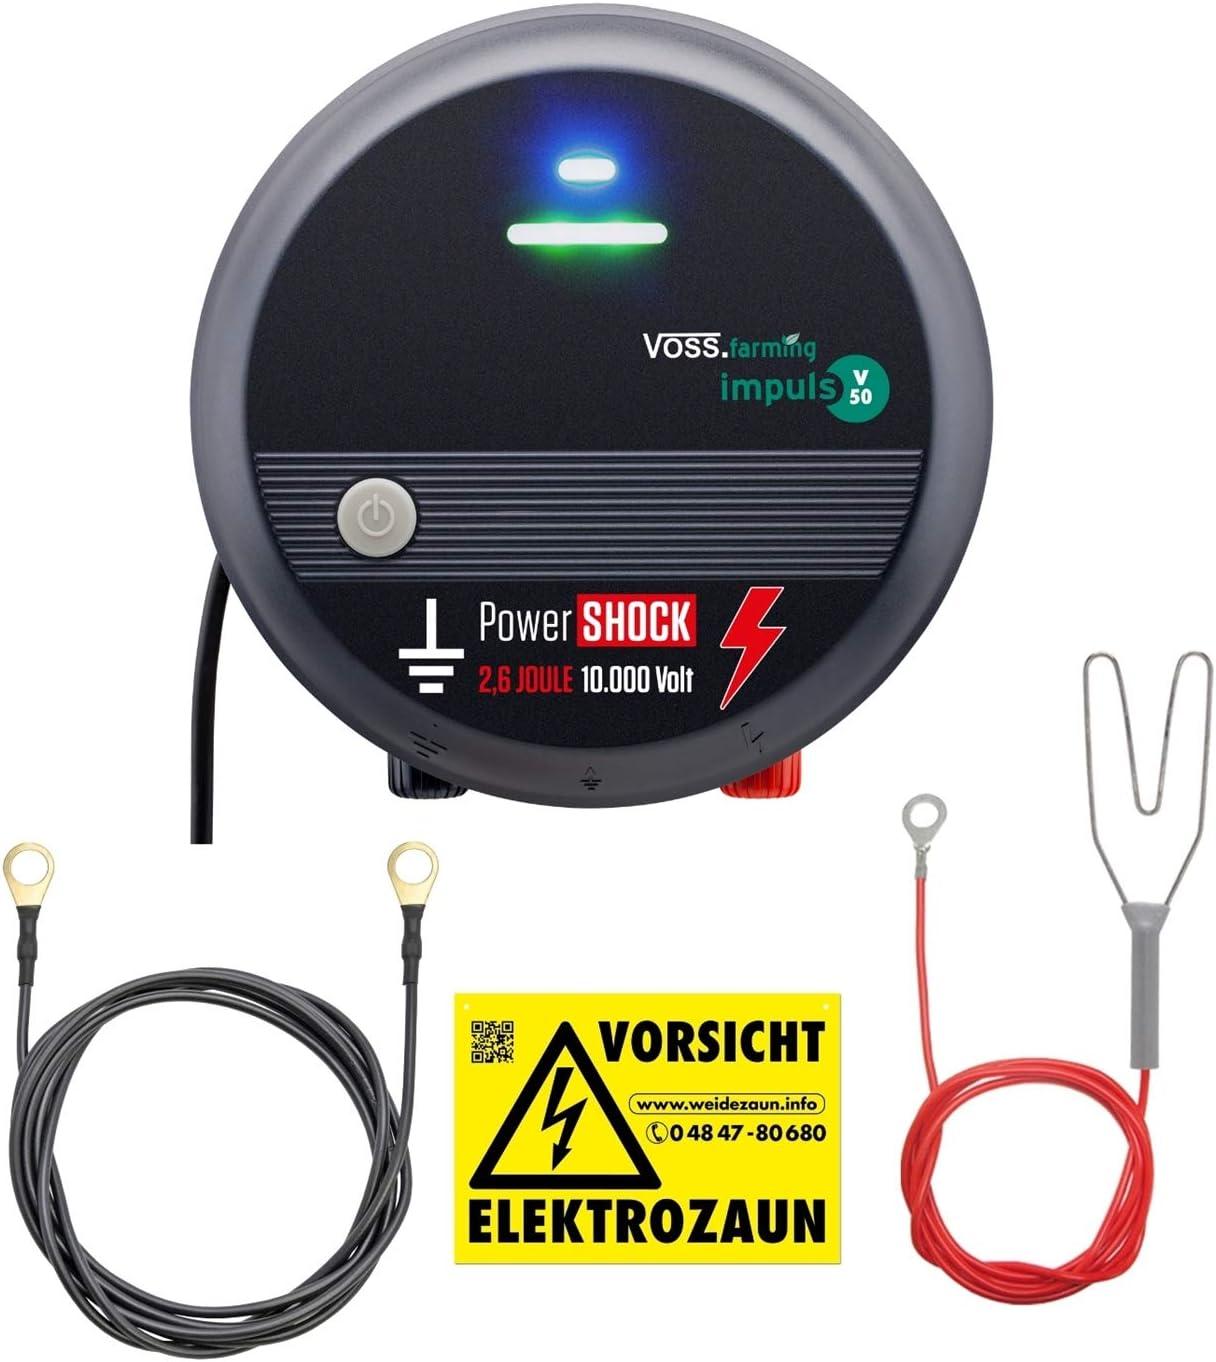 VOSS.farming Pastor eléctrico V50, Electrificador de cercados 230V, para Caballos, Ganado Vacuno y Animales de establo